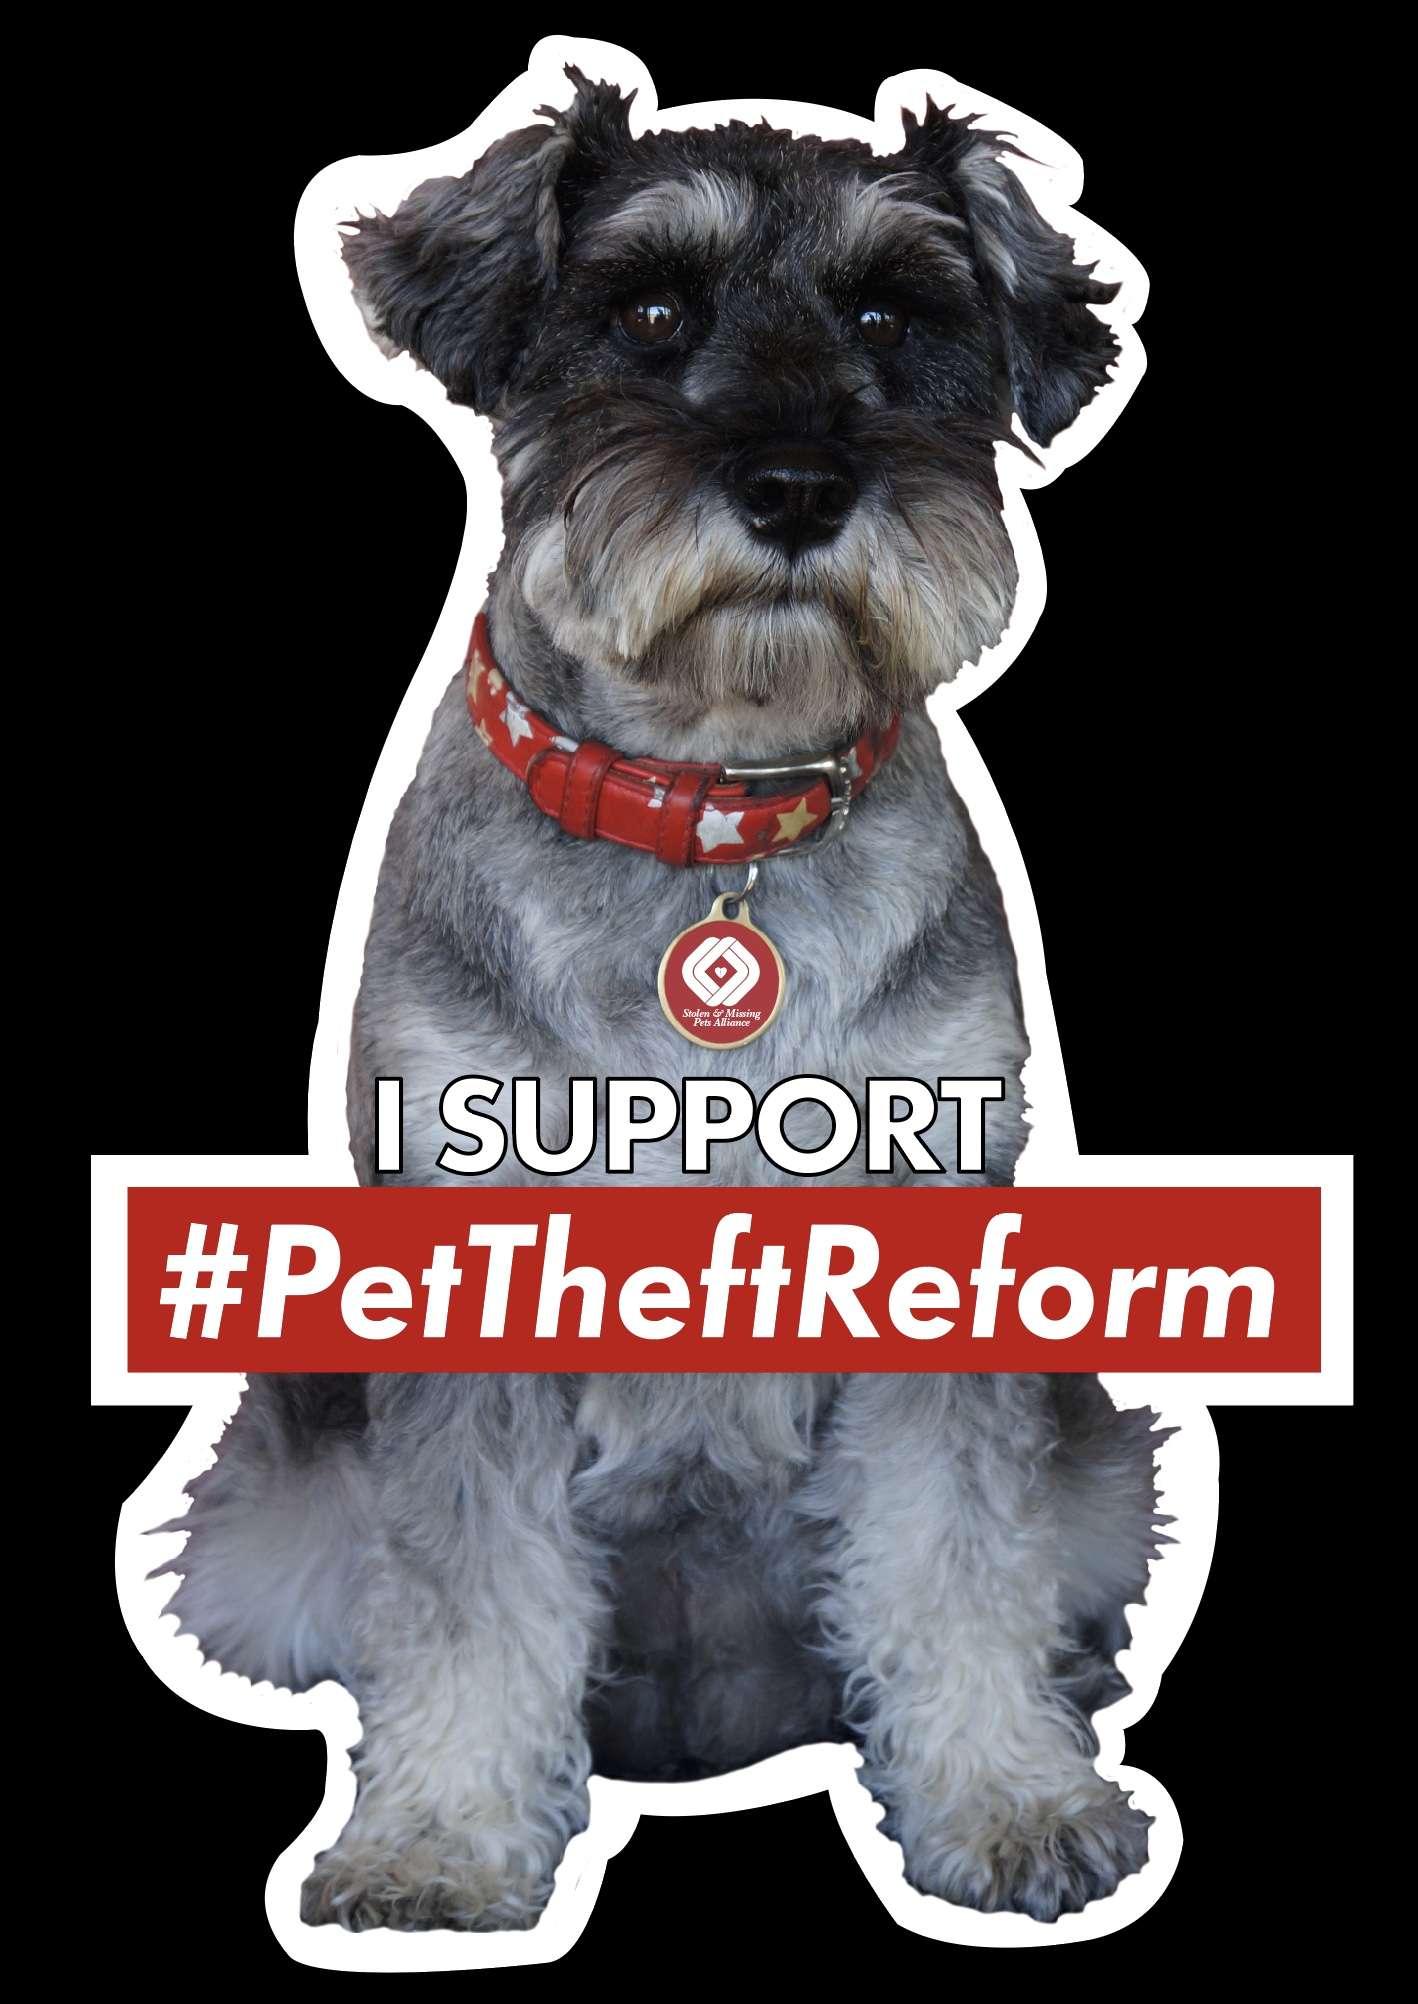 Time for some MYTH BUSTING! #PetTheftReform